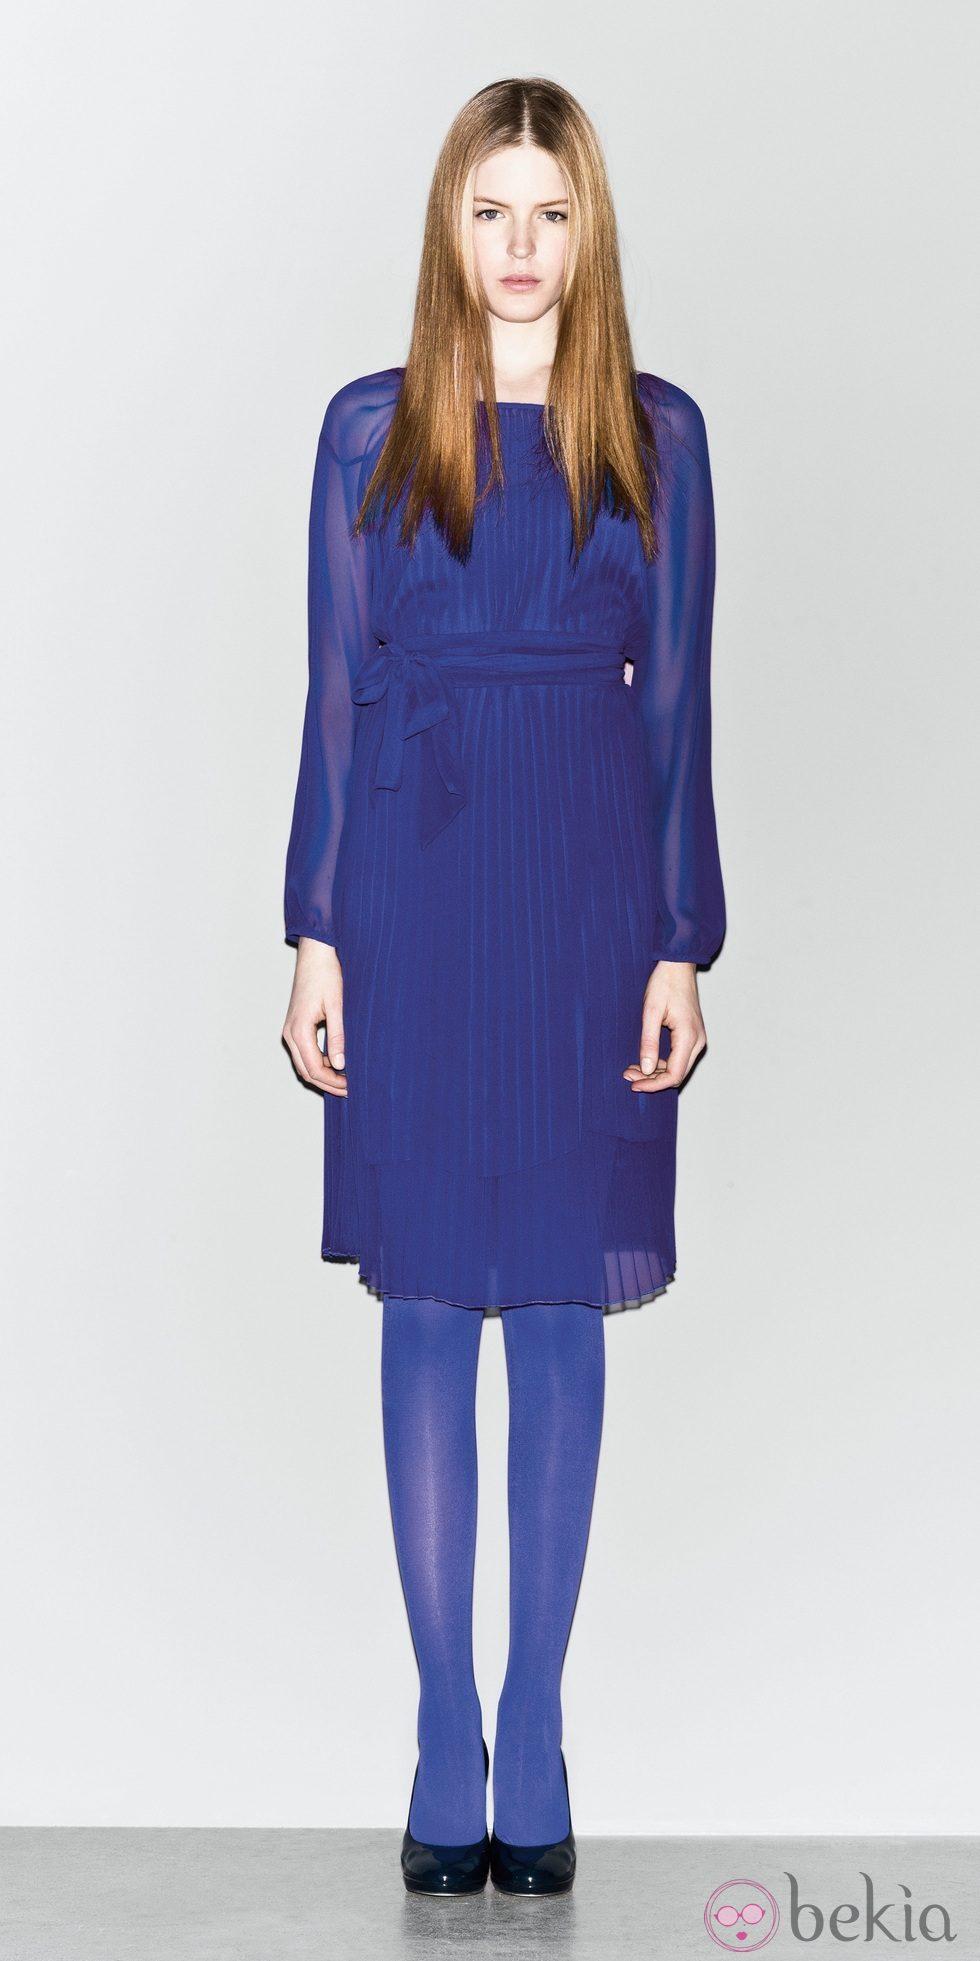 Vestido plisado azul klein de la nueva colección de Sisley otoño/invierno 2012/2013